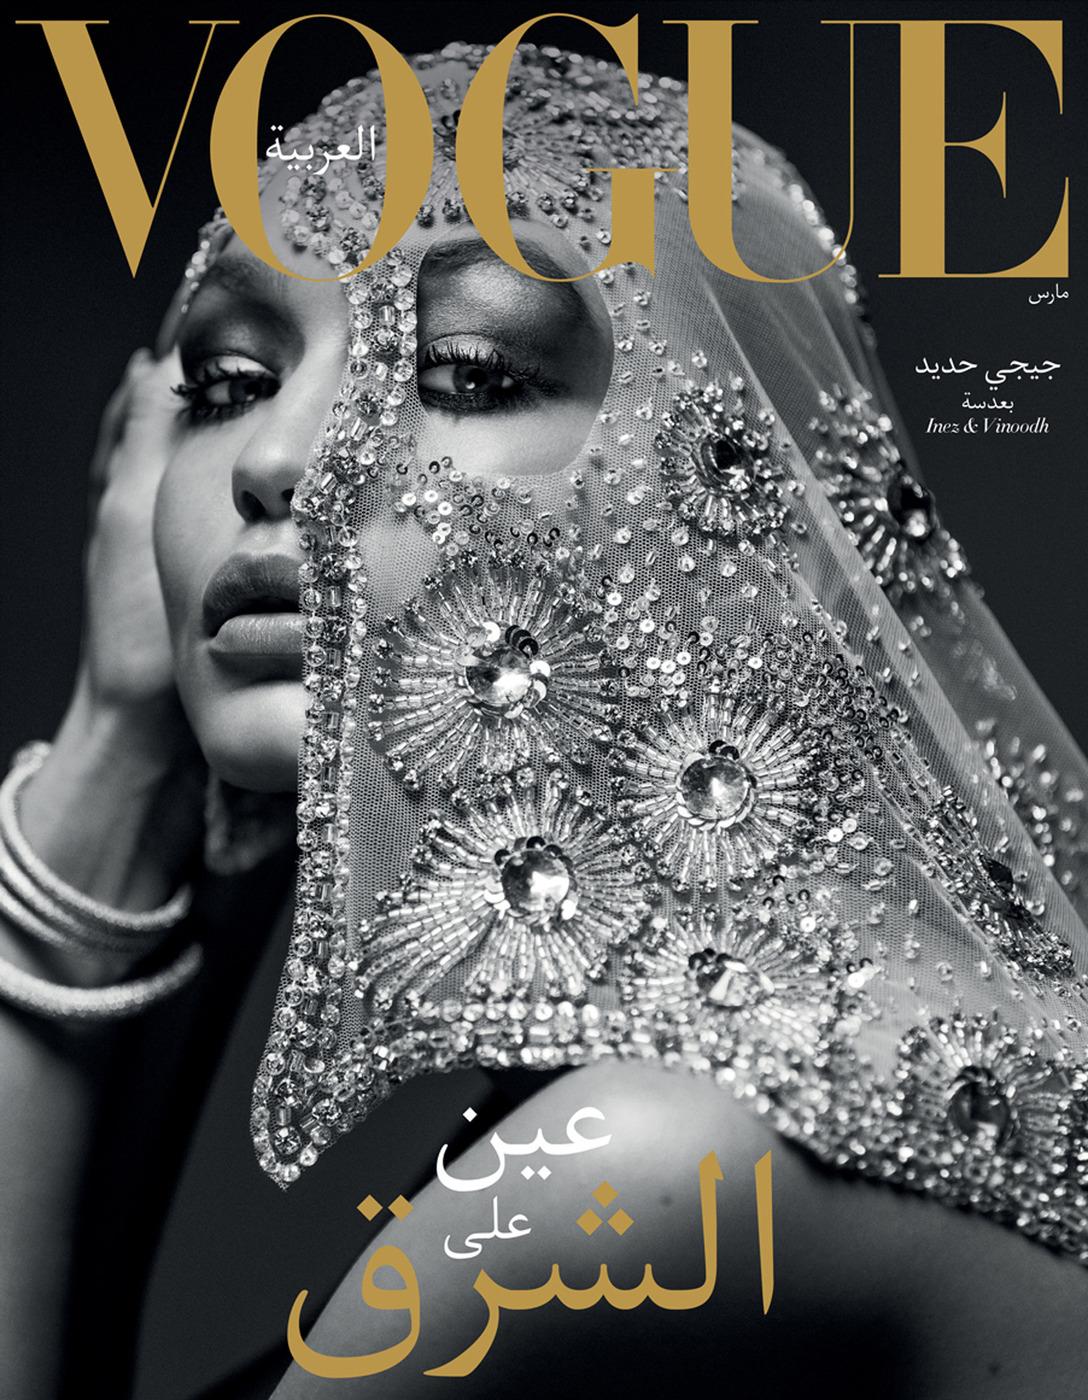 Североамериканская модель снялась для обложки первого номера арабской версии Vogue